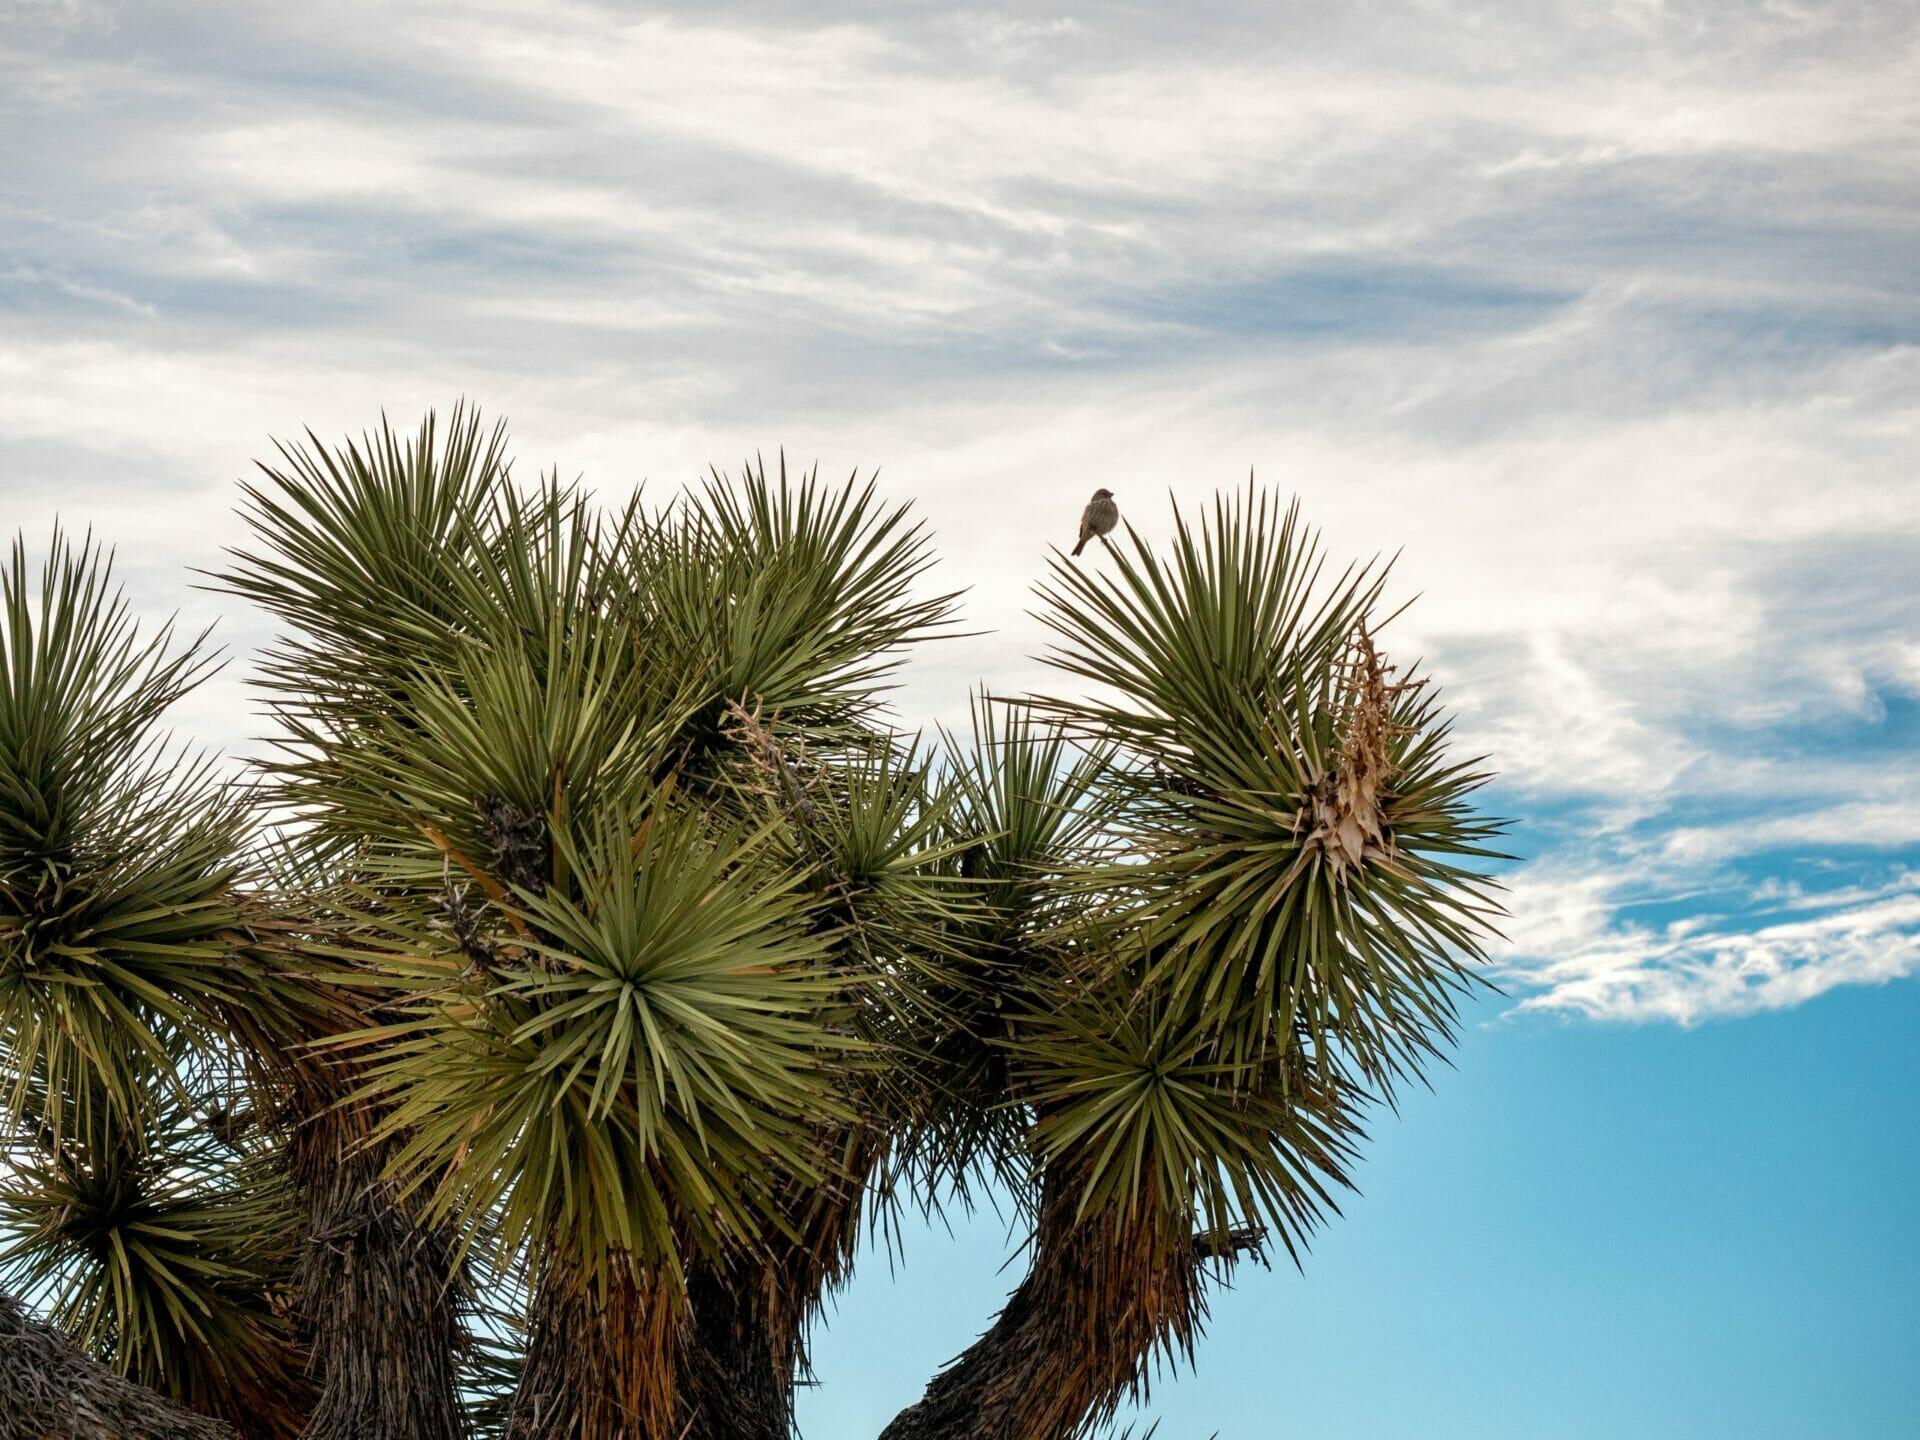 Joshua Tree National Park 1-day itinerary